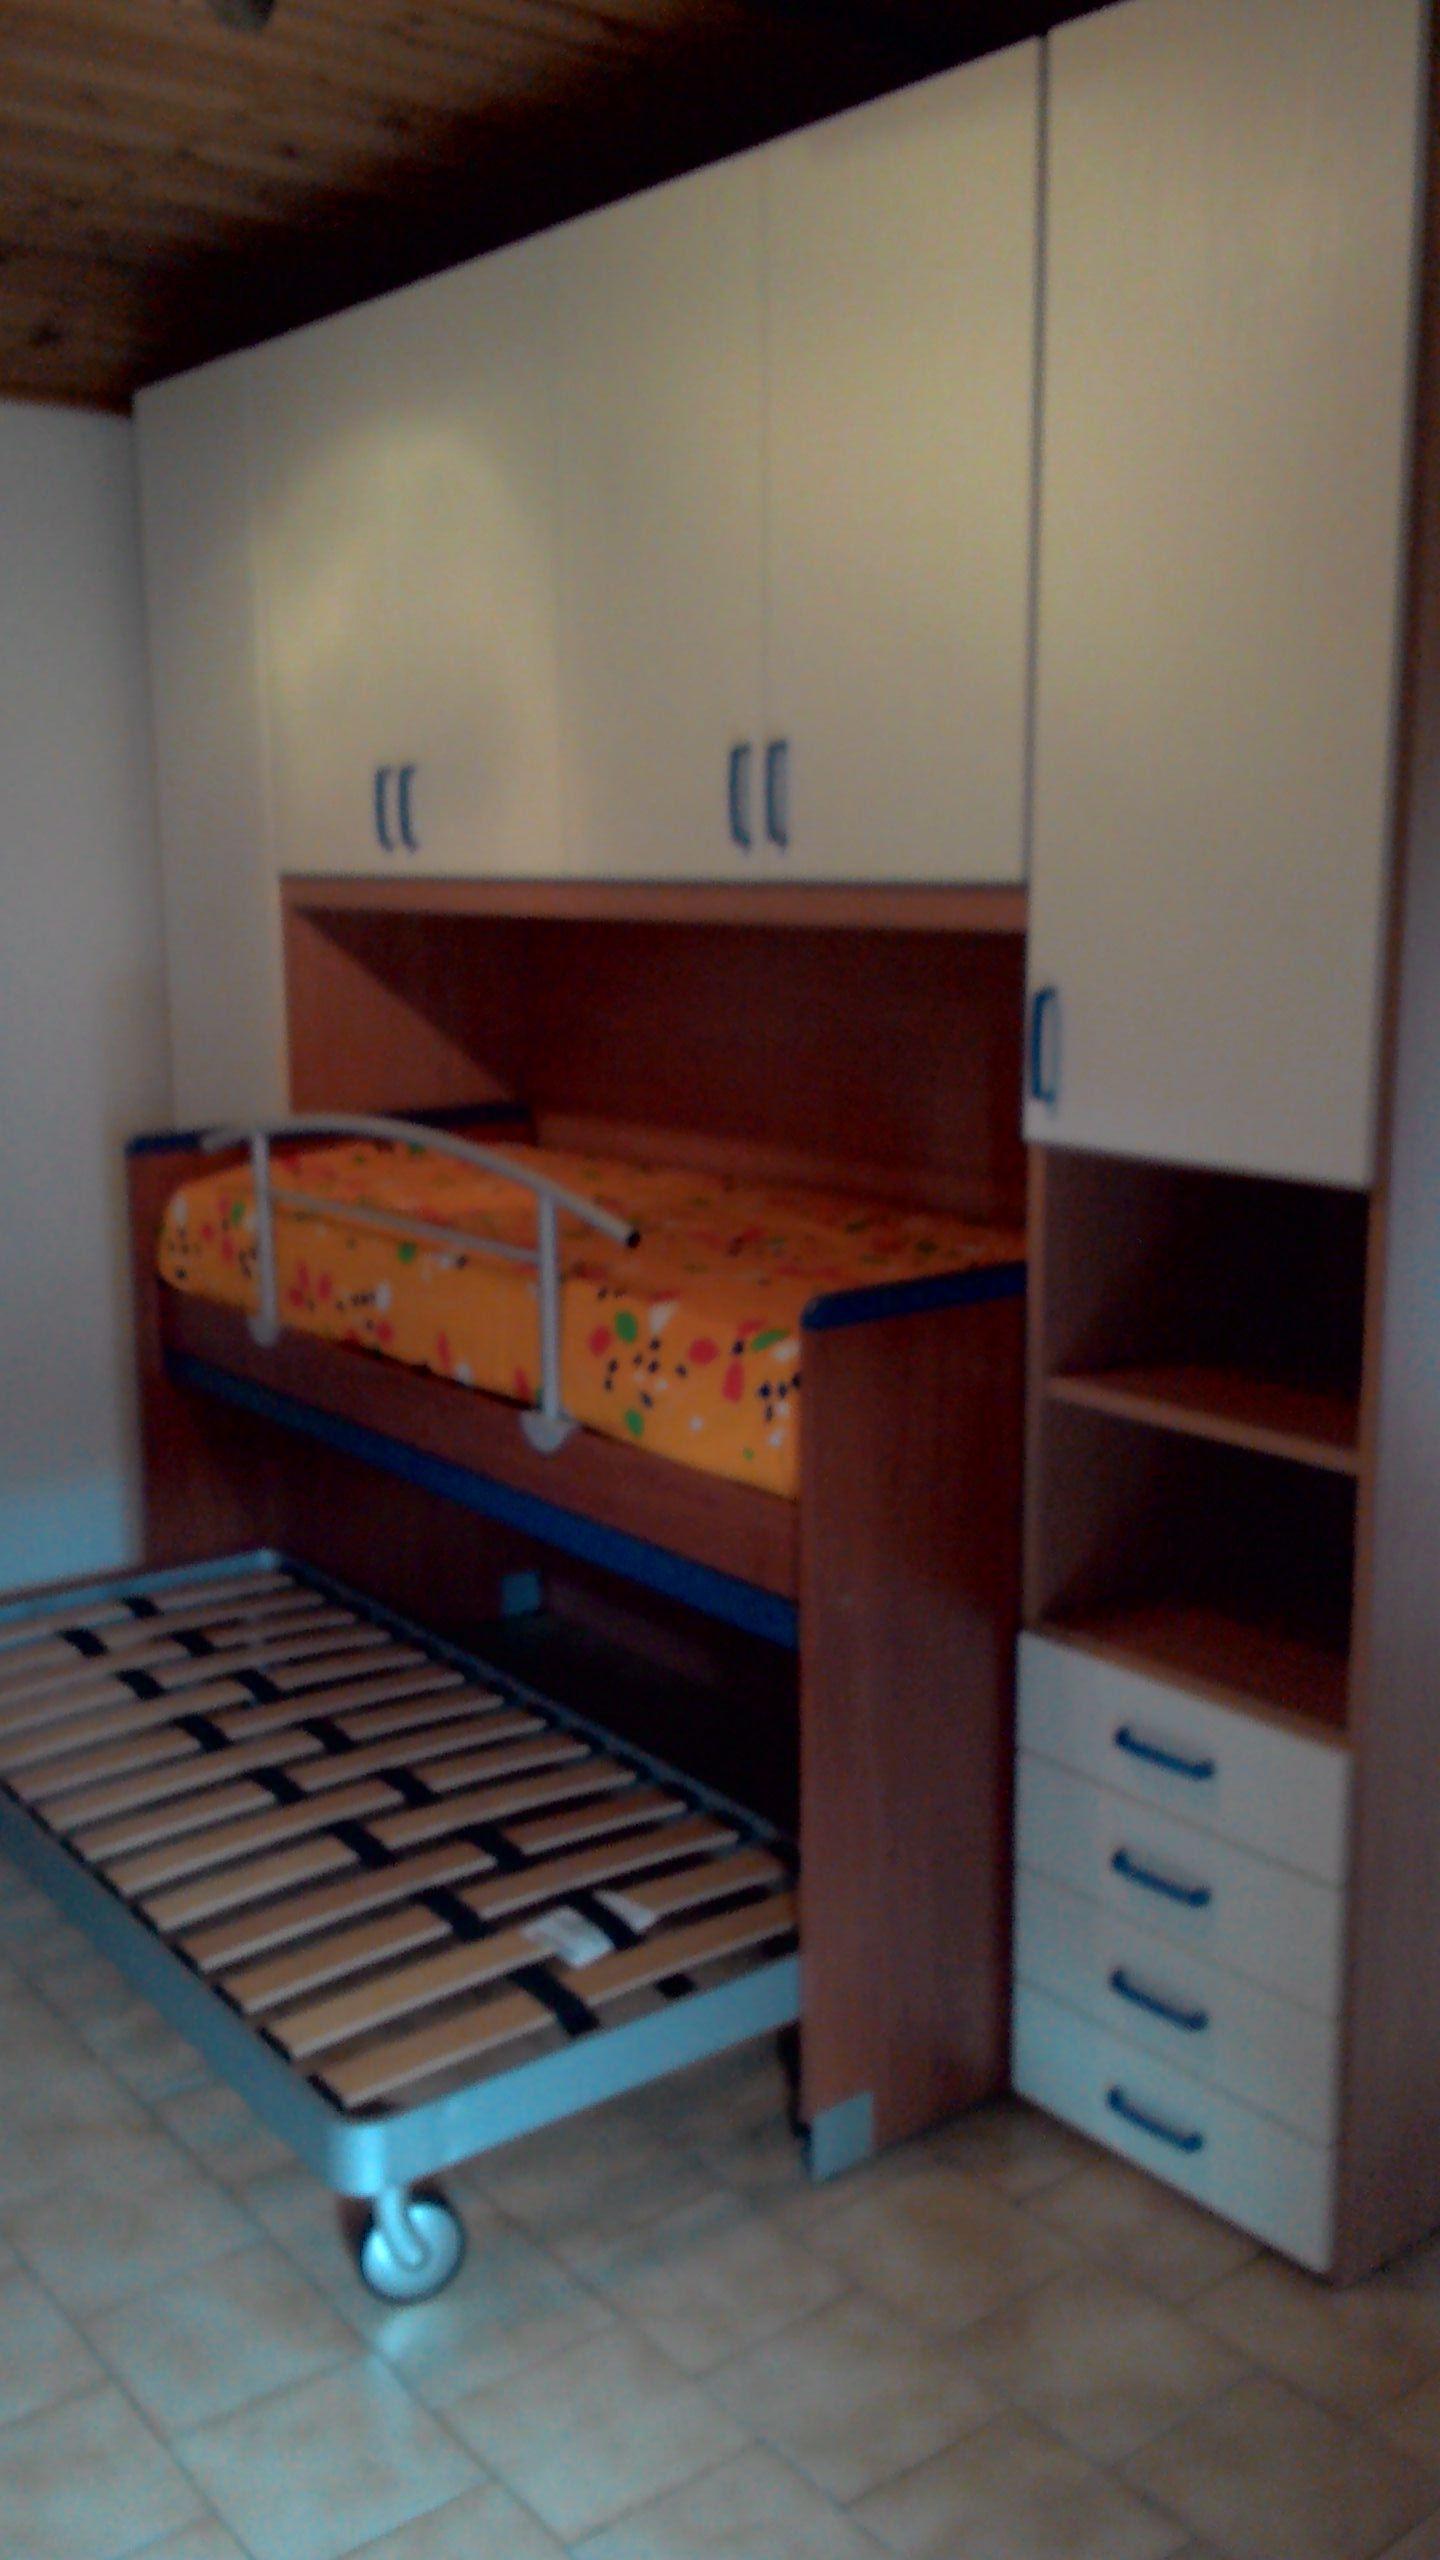 Camerette Per Bambini Mercatone Uno. Camerette Per Bambini Come Ricavare Uno Spazio Gioco With ...